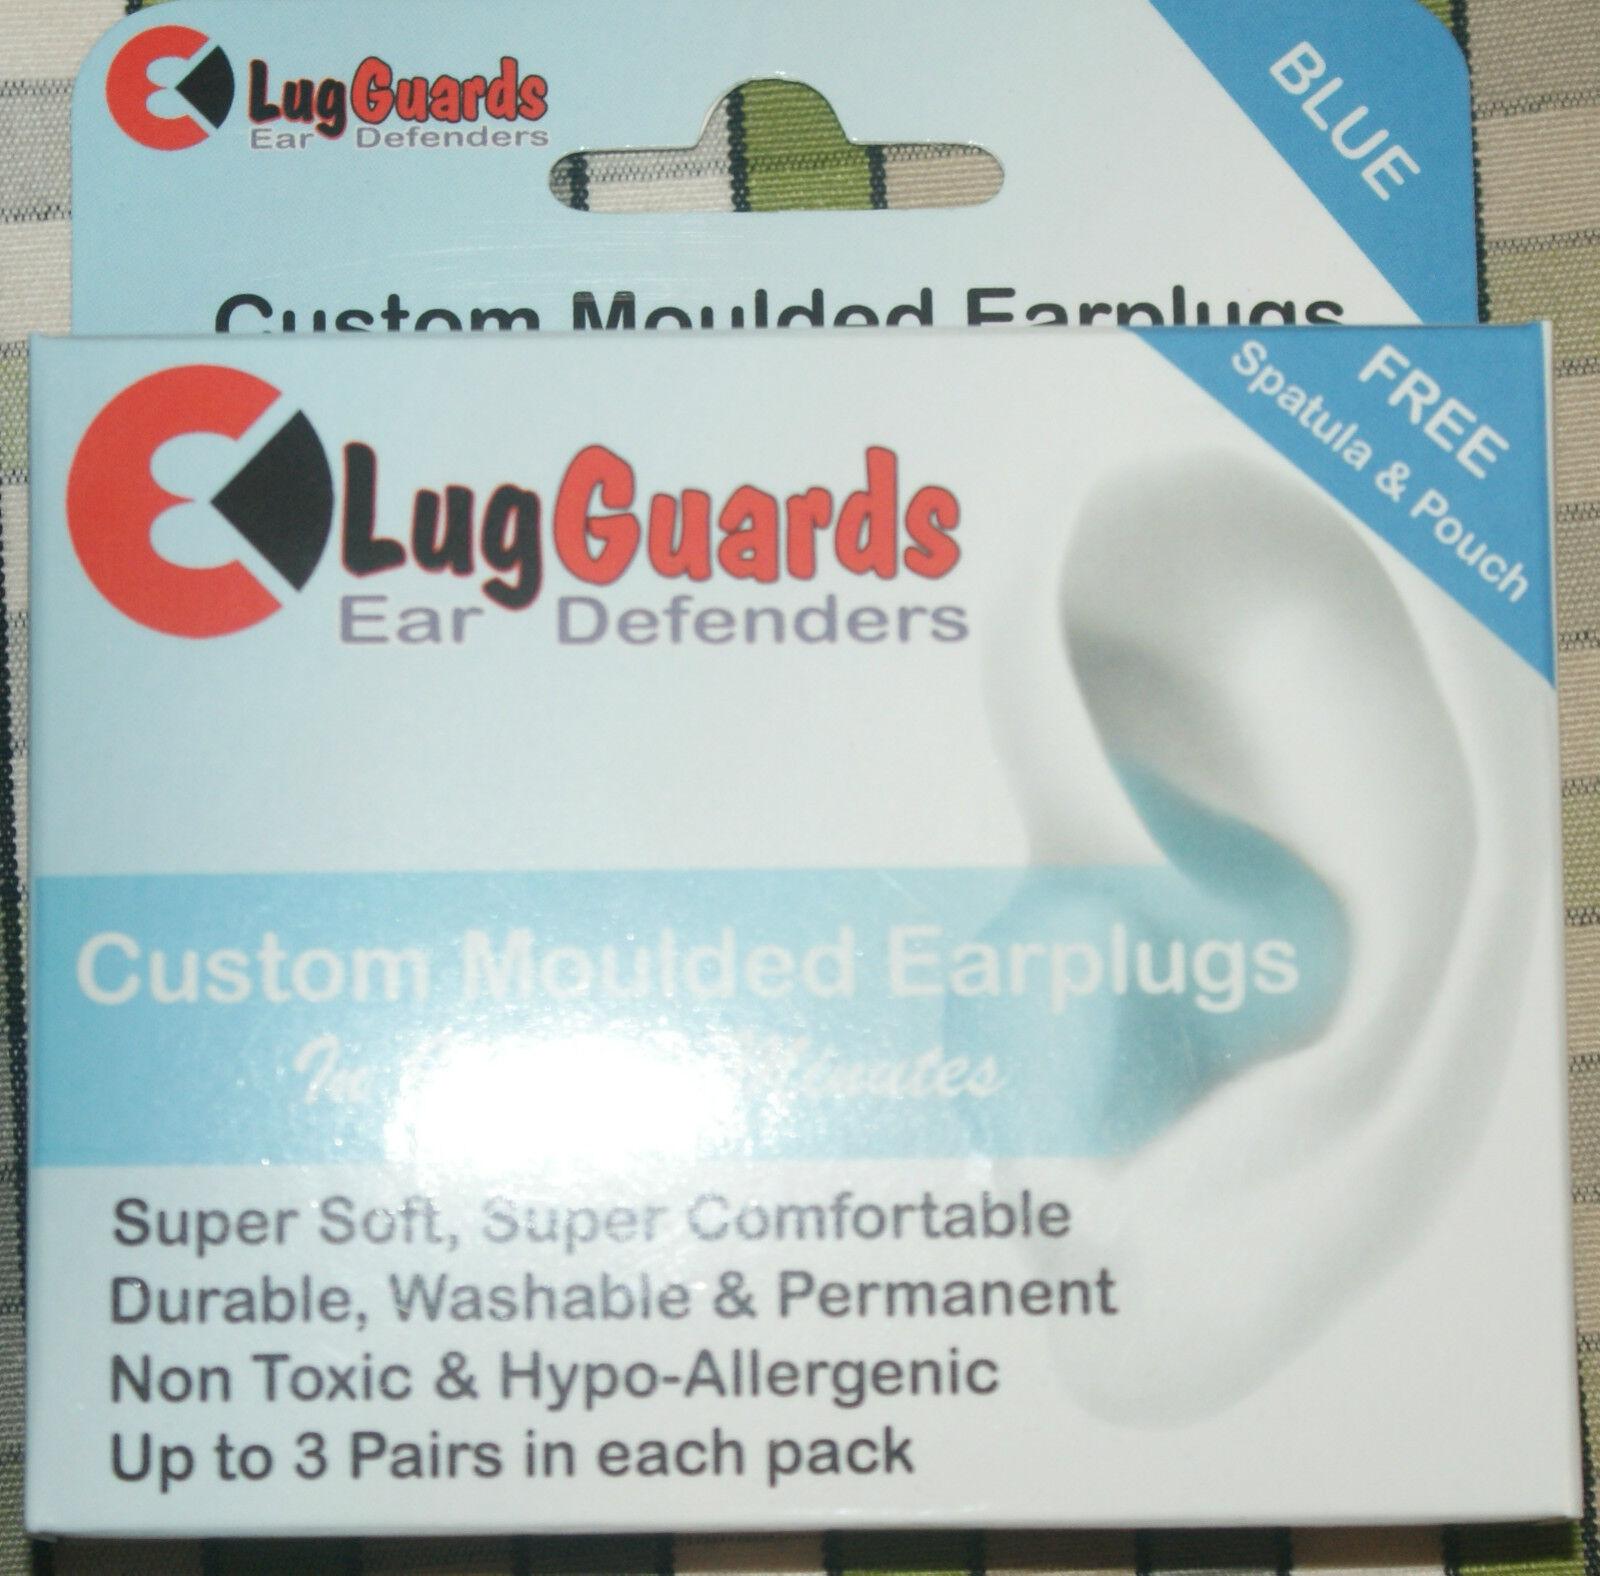 LUG GUARDS Stampo Cuffie IL TUO Auricolari per Cuffie Stampo antirumore protezione 3 paia 21e535